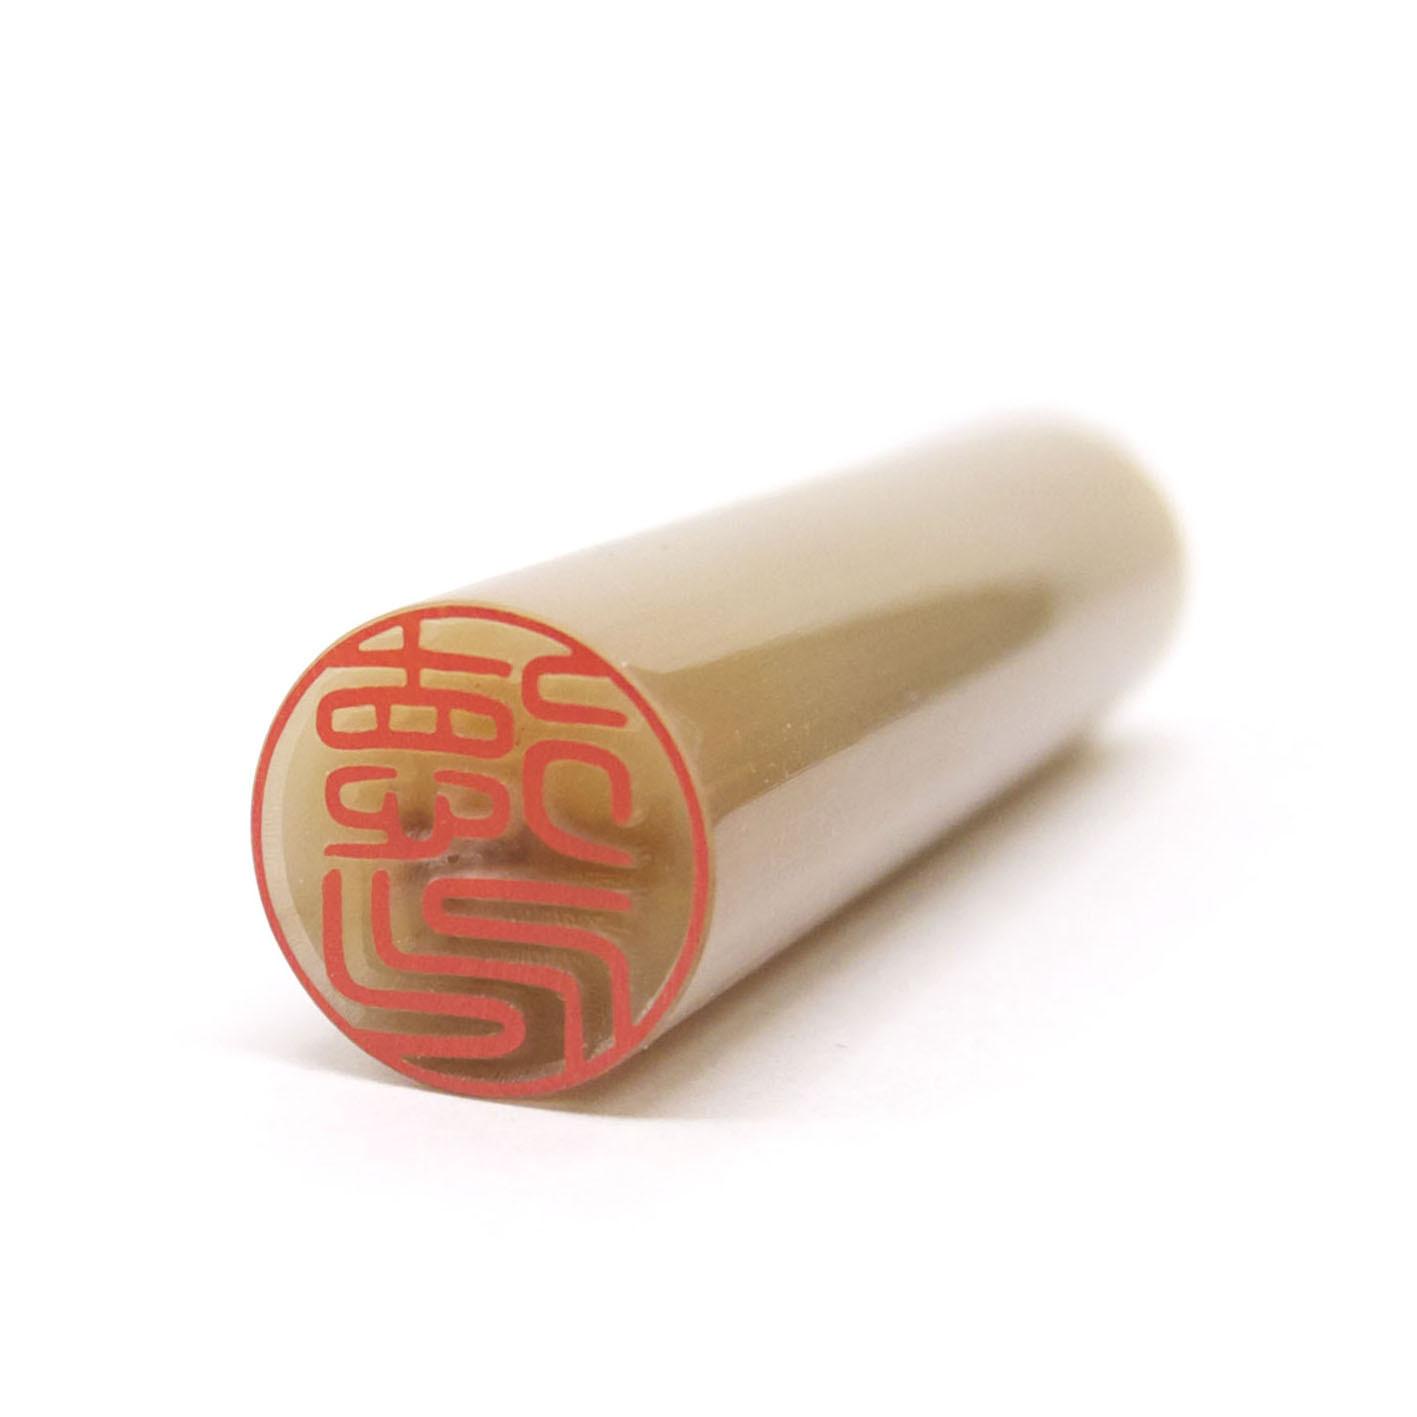 色水牛個人銀行/認印13.5mm丸(姓または名)